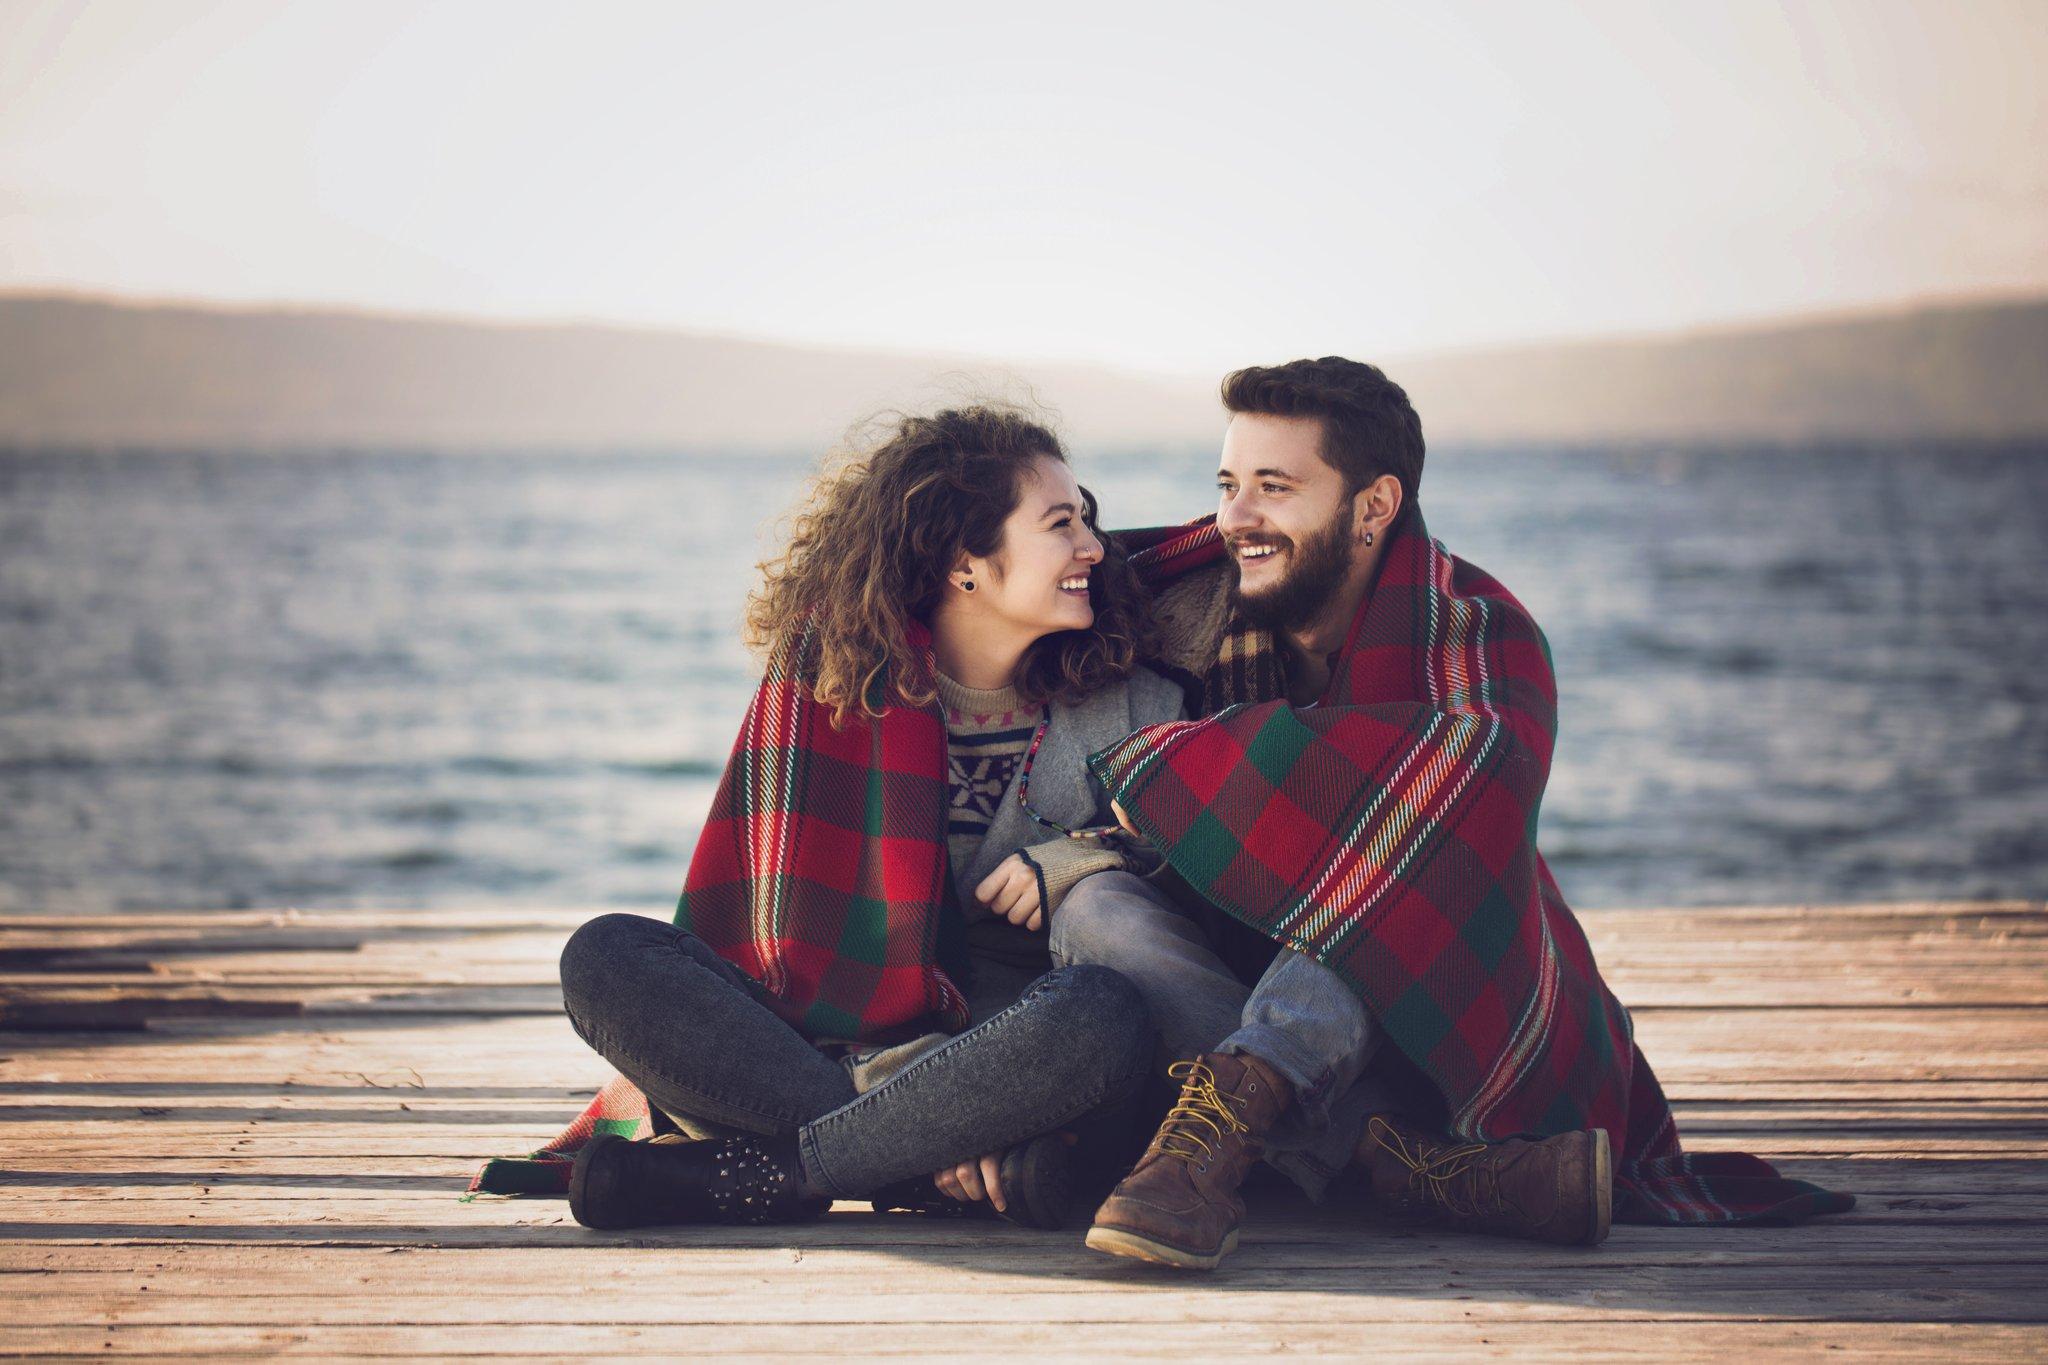 صور حب رومانسية 2020 صور رومانسية جديدة 2021 5